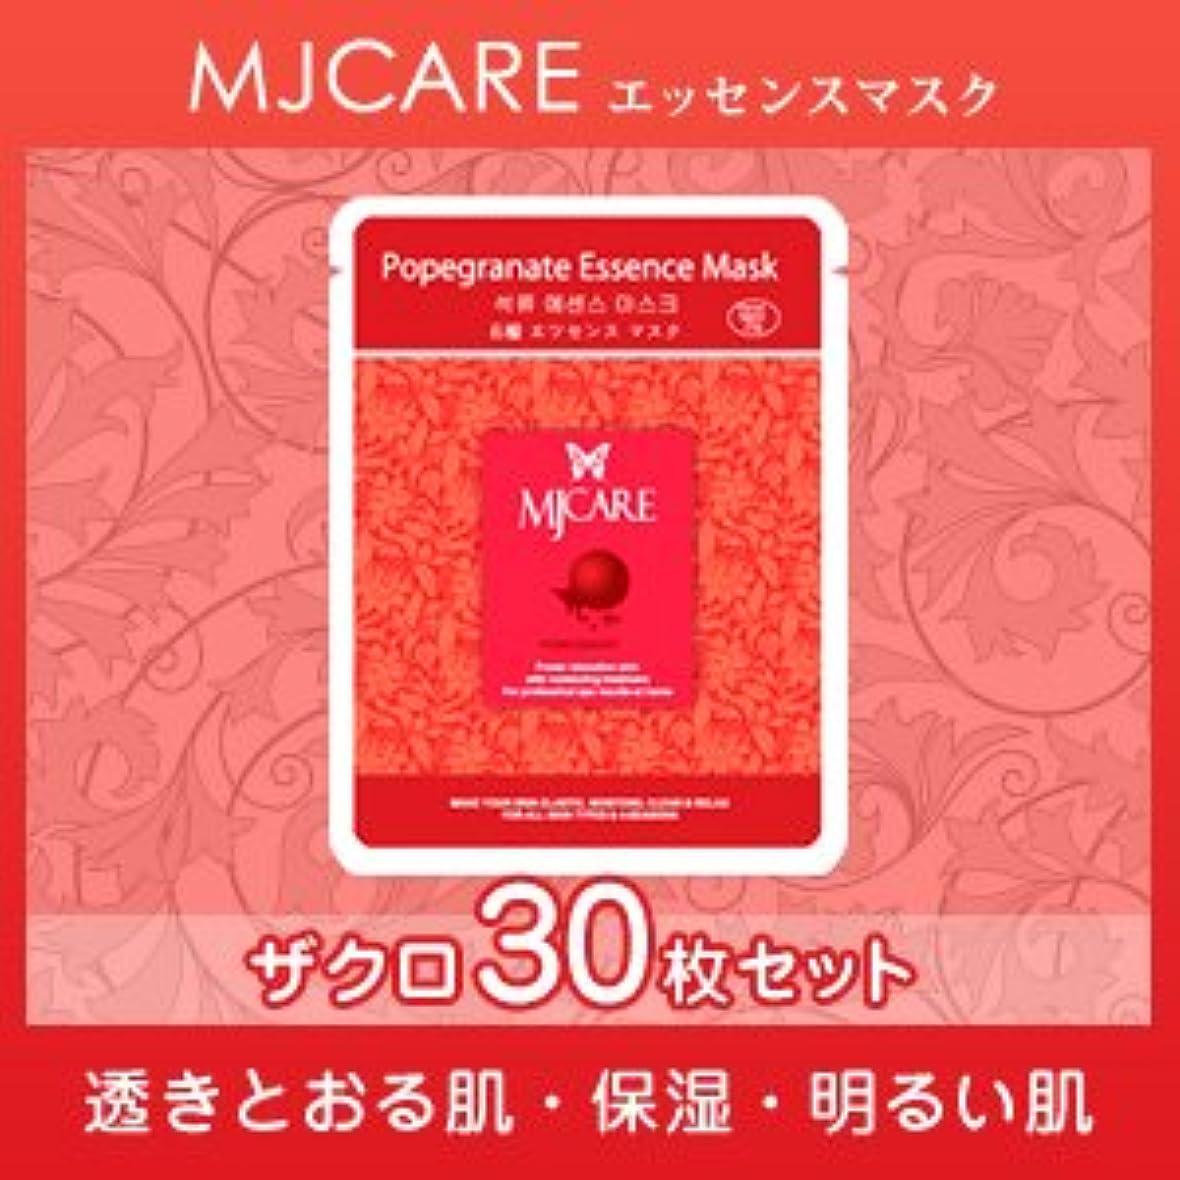 征服者雲生MJCARE (エムジェイケア) ザクロ エッセンスマスク 30セット